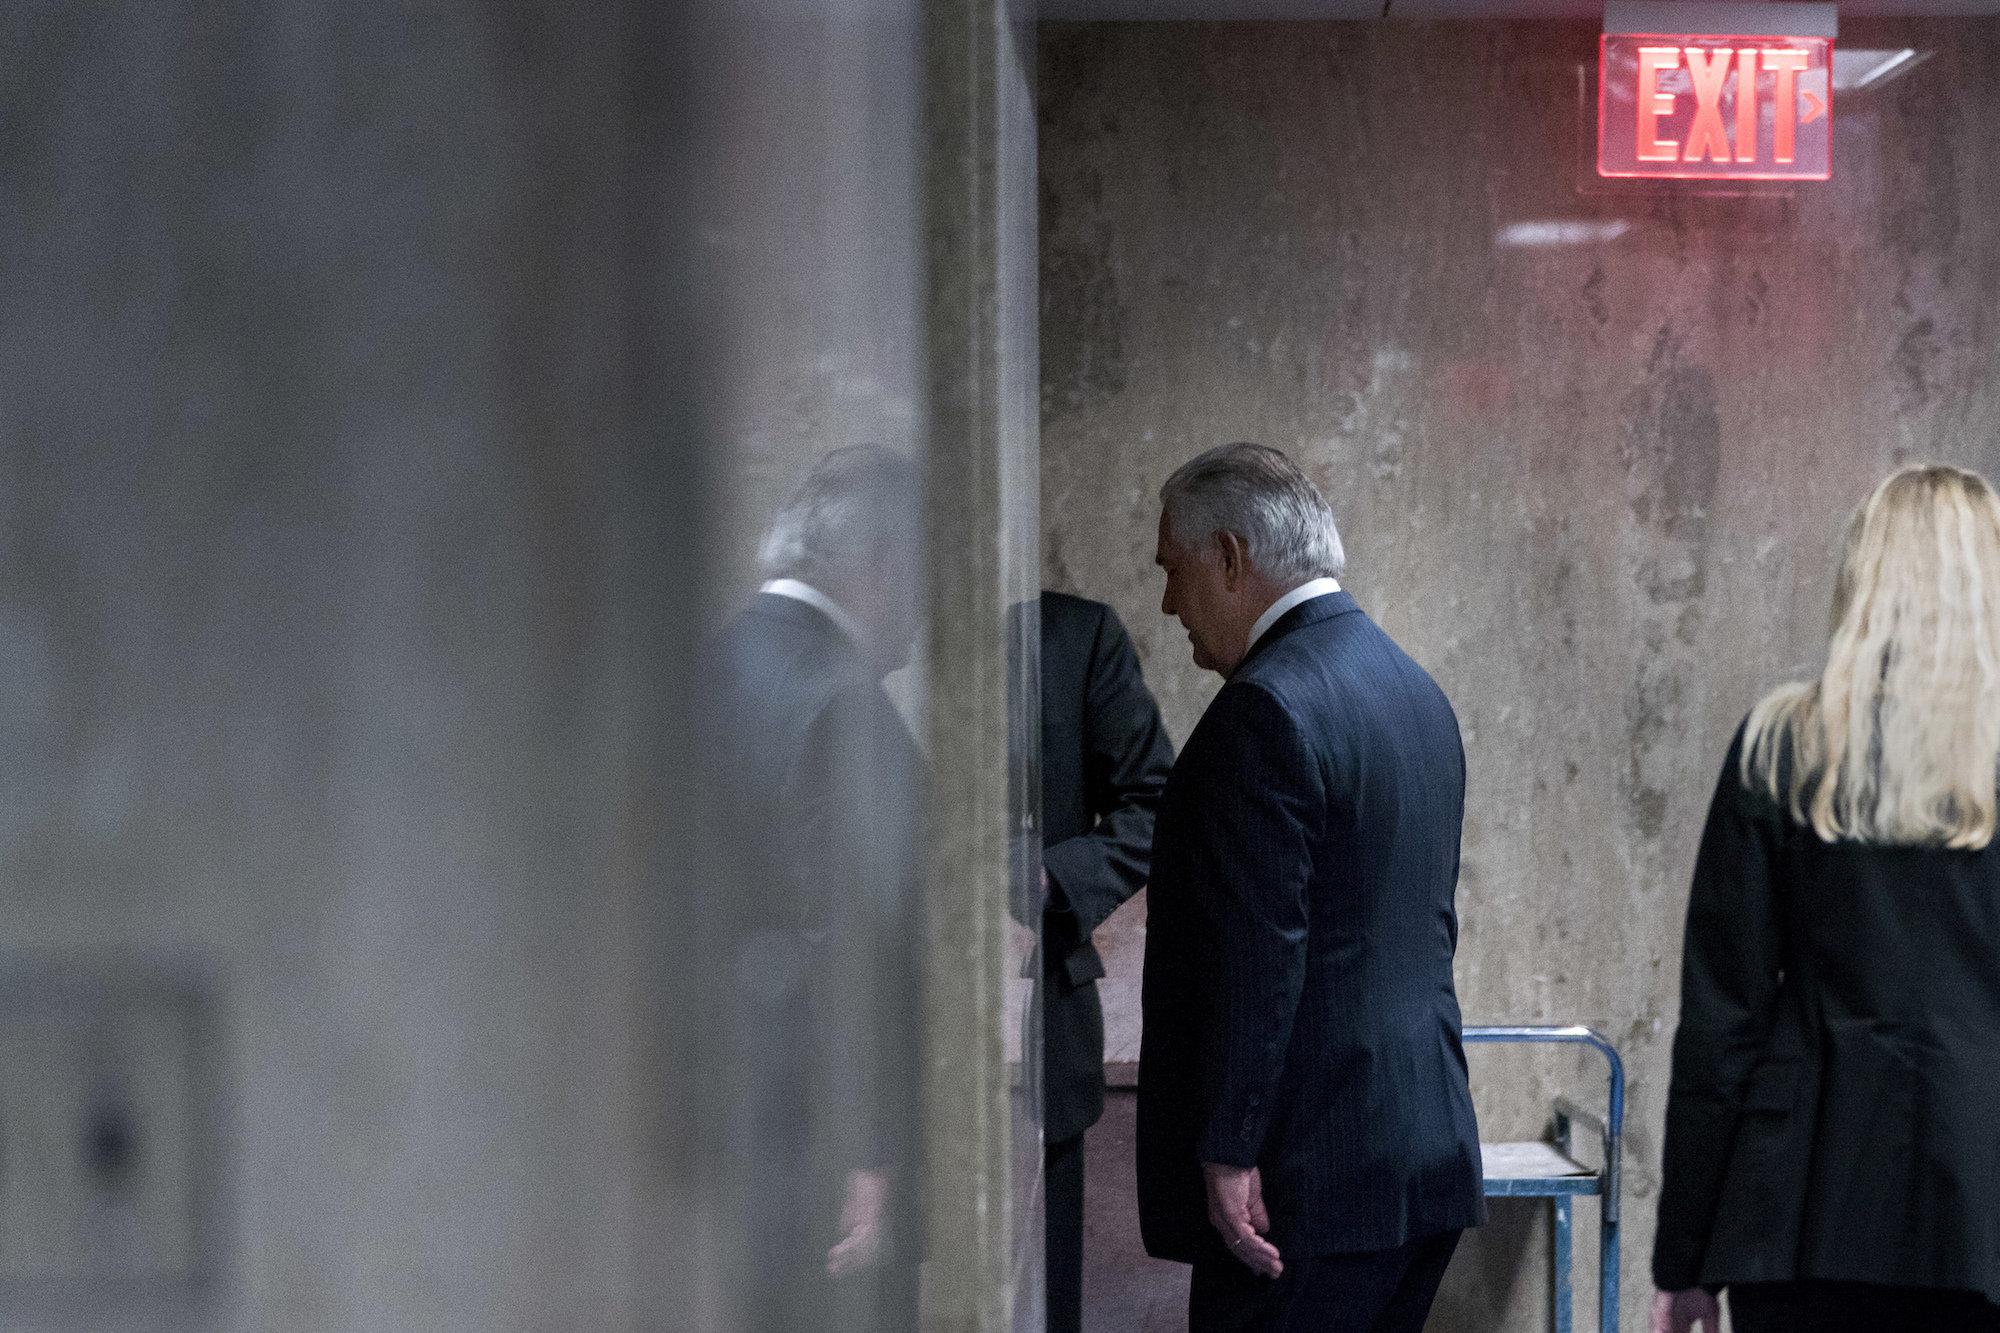 Tillerson Exit